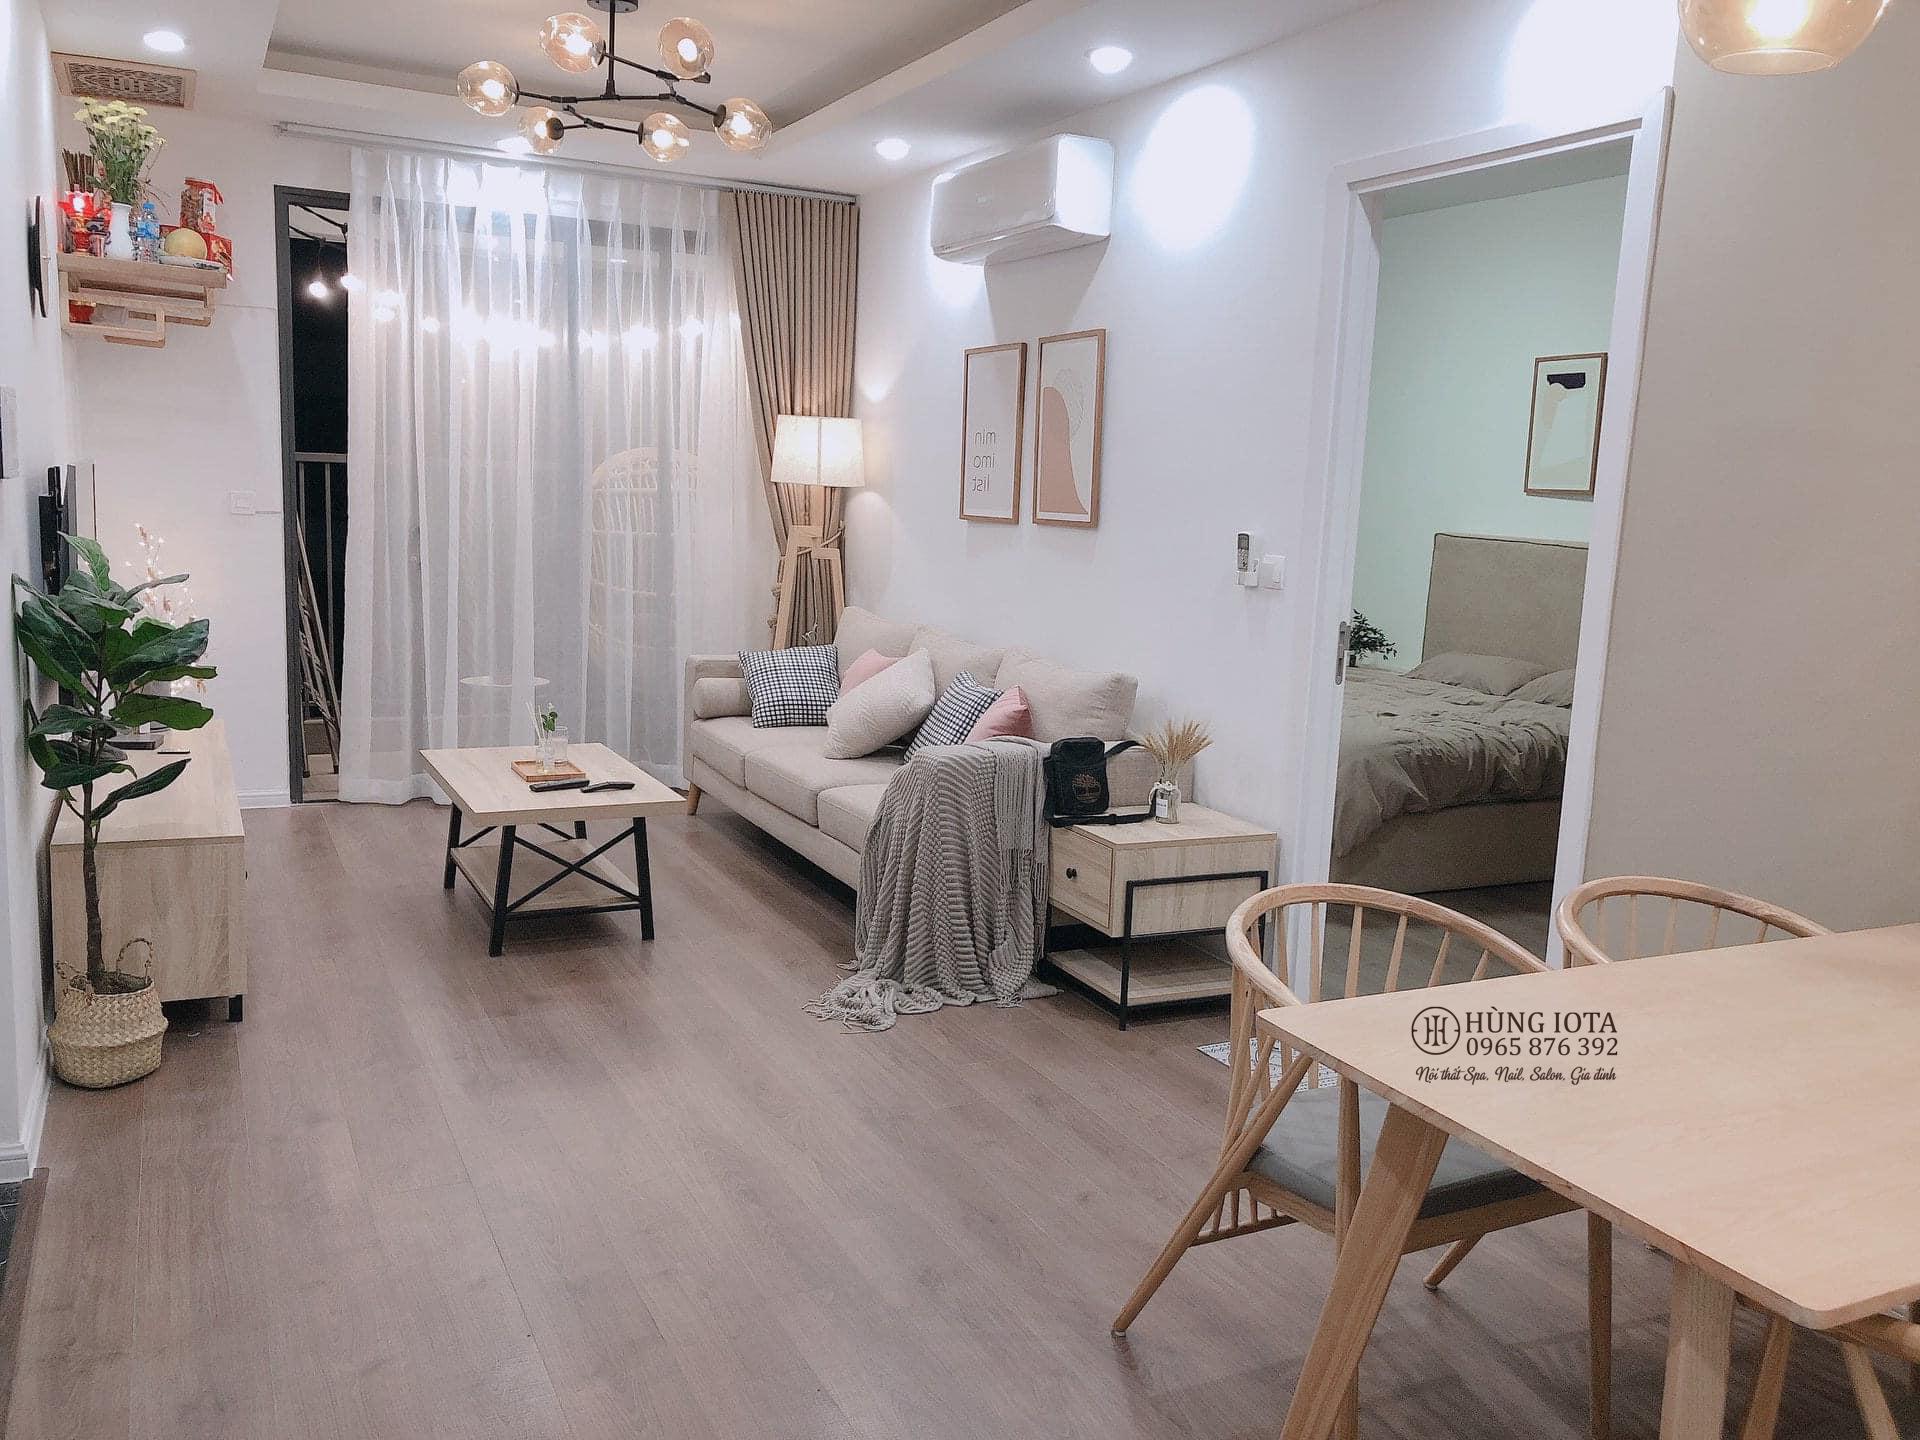 Lắp đặt sofa decor cho chung cư đẹp giá rẻ